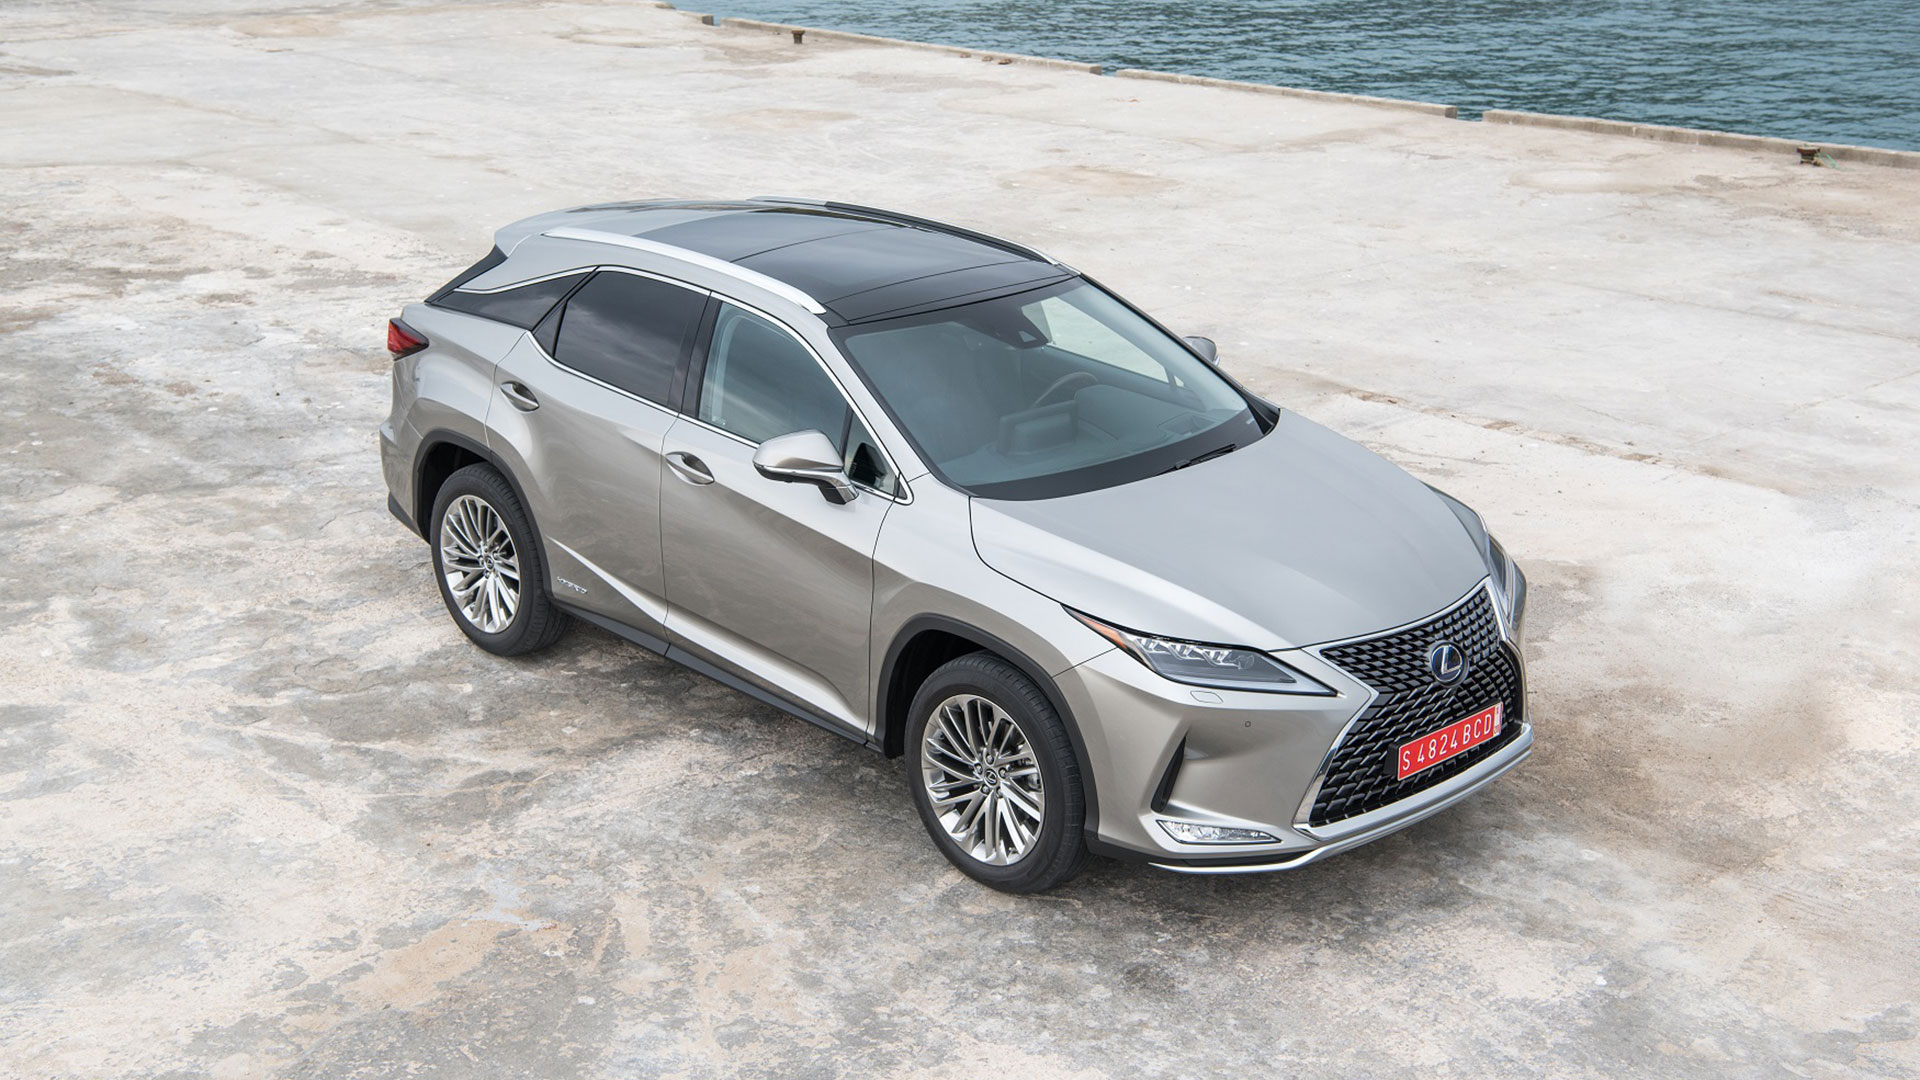 Lexus Türkiye'de Daha Fazla Tercih Edilmeye Devam Ediyor